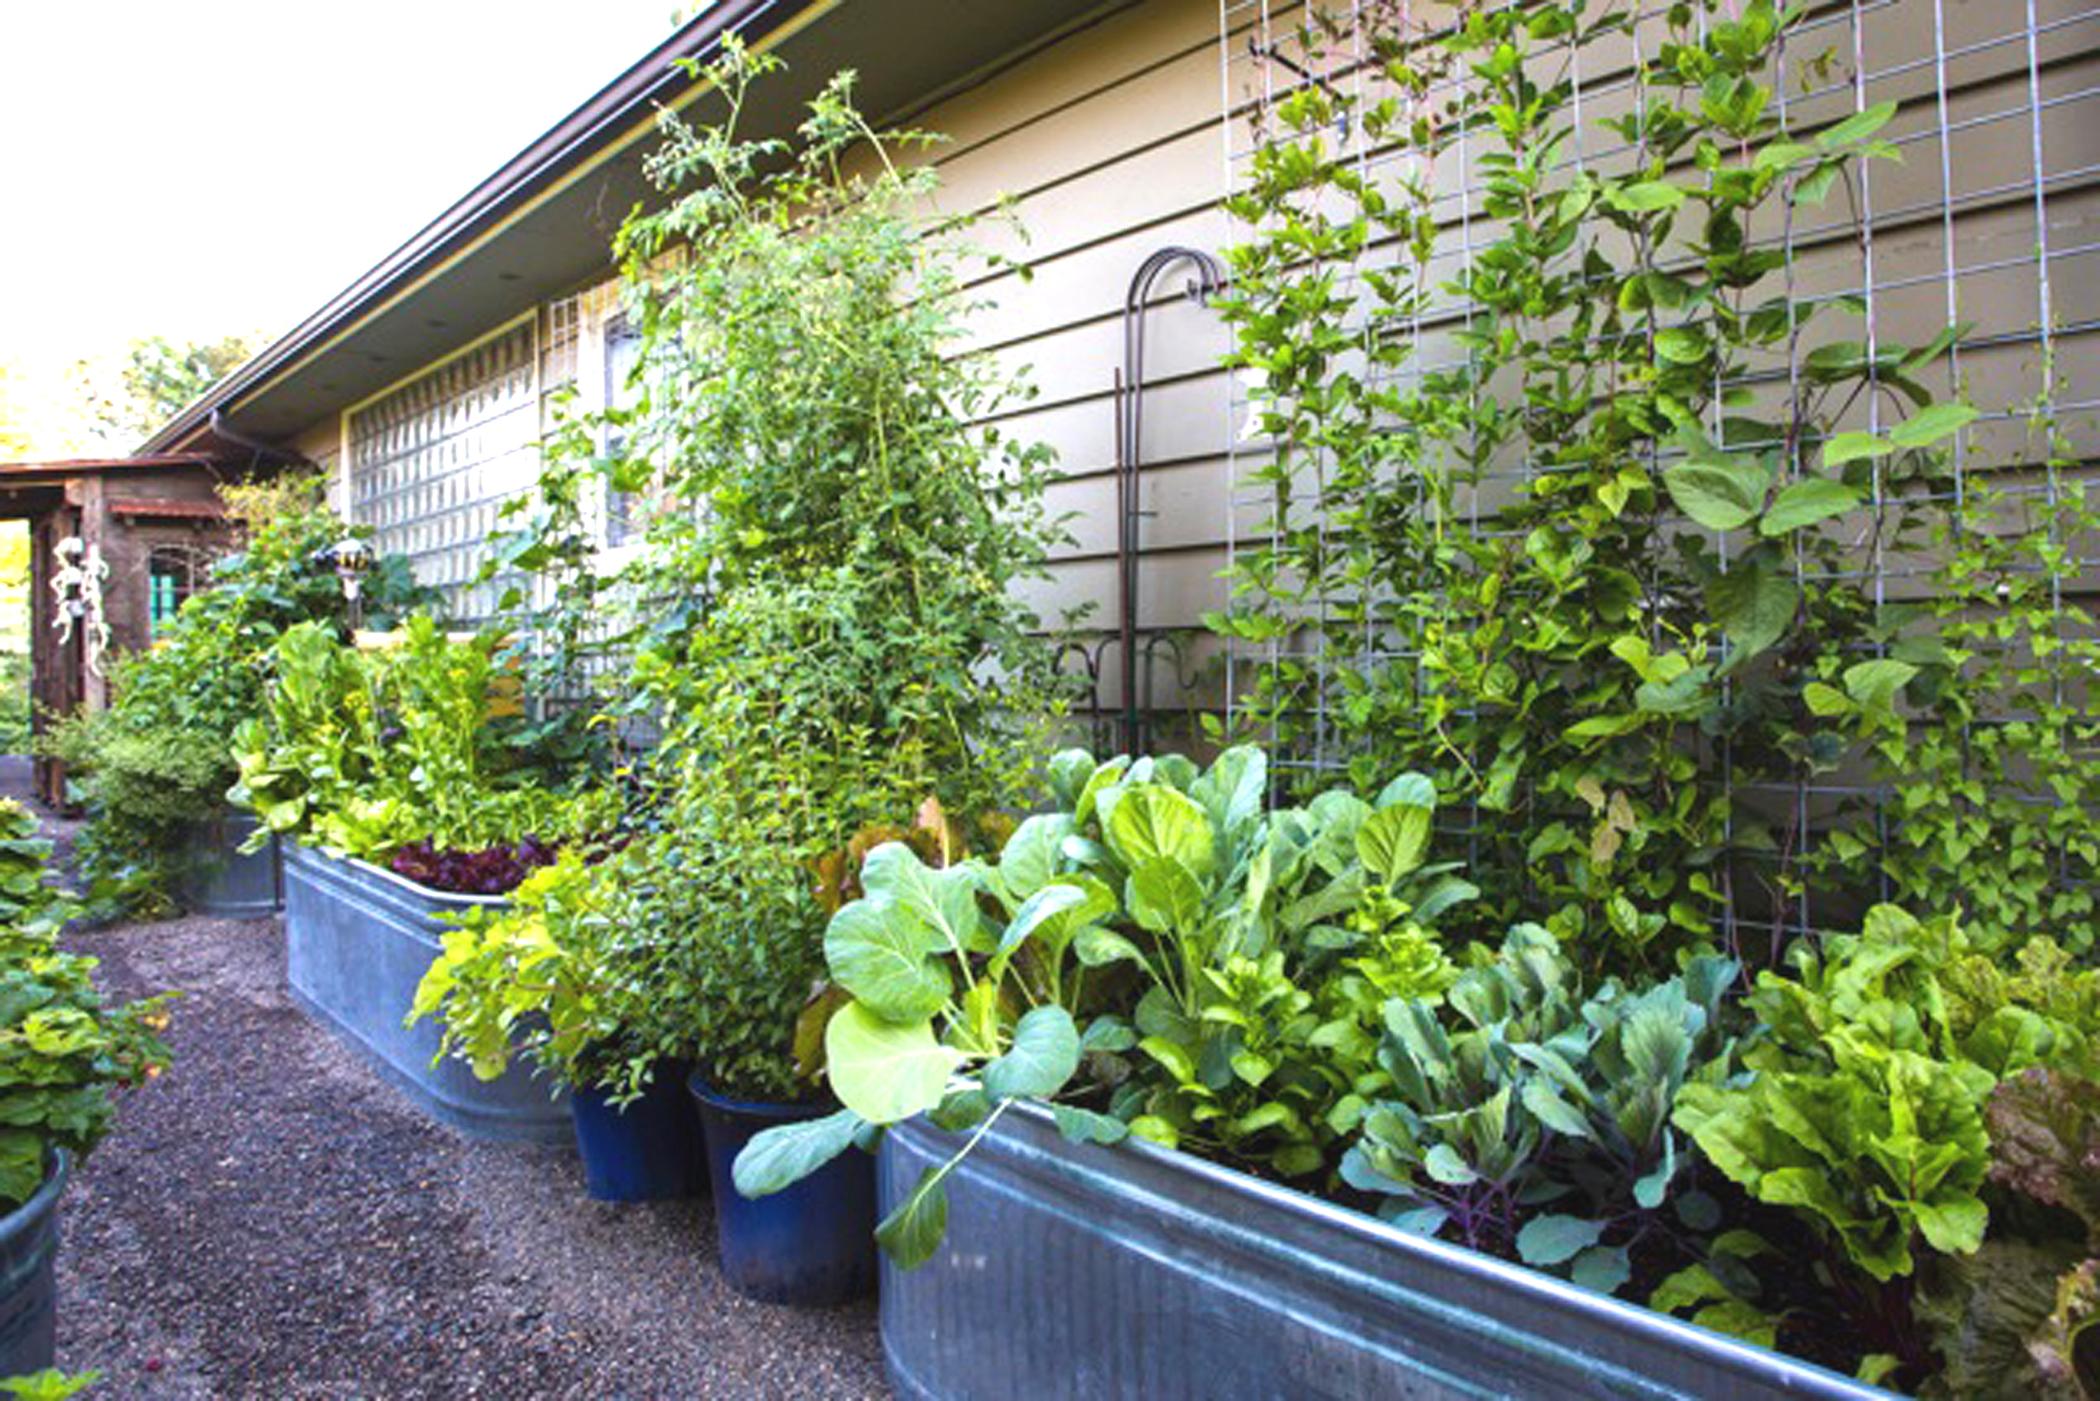 Gardens beautiful enough to eat